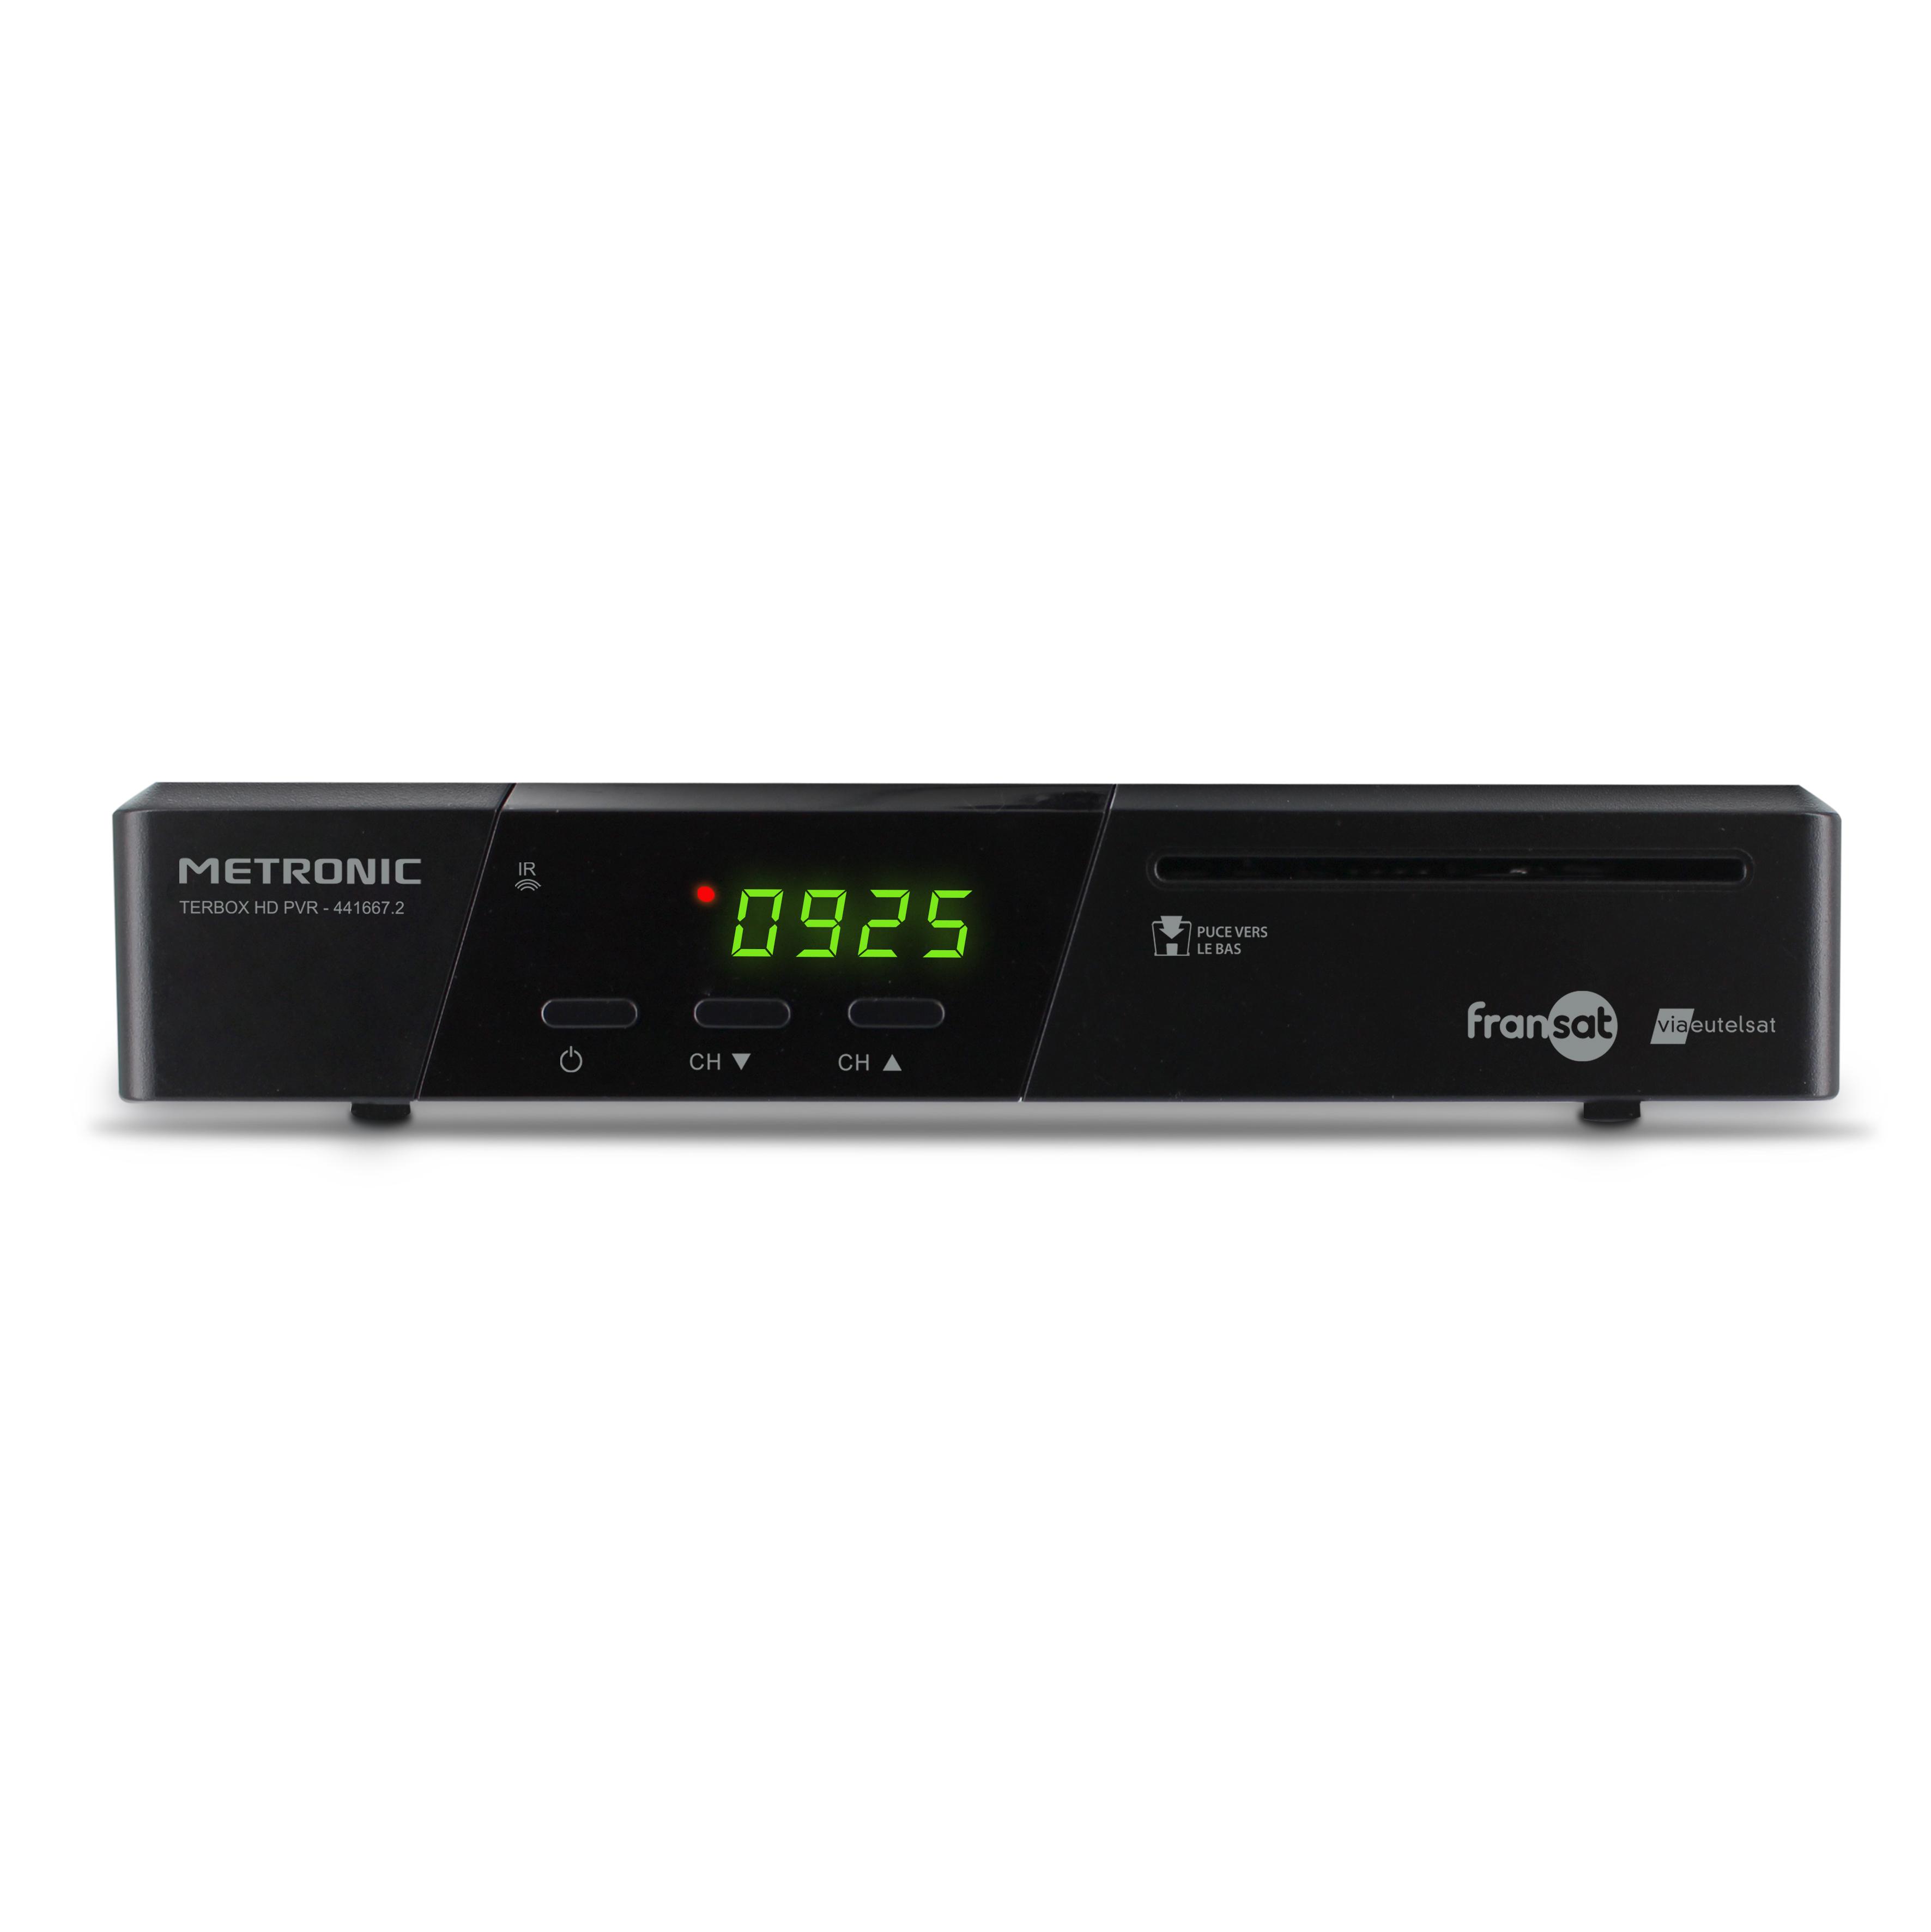 METRONIC TERBOX HD 441667.2